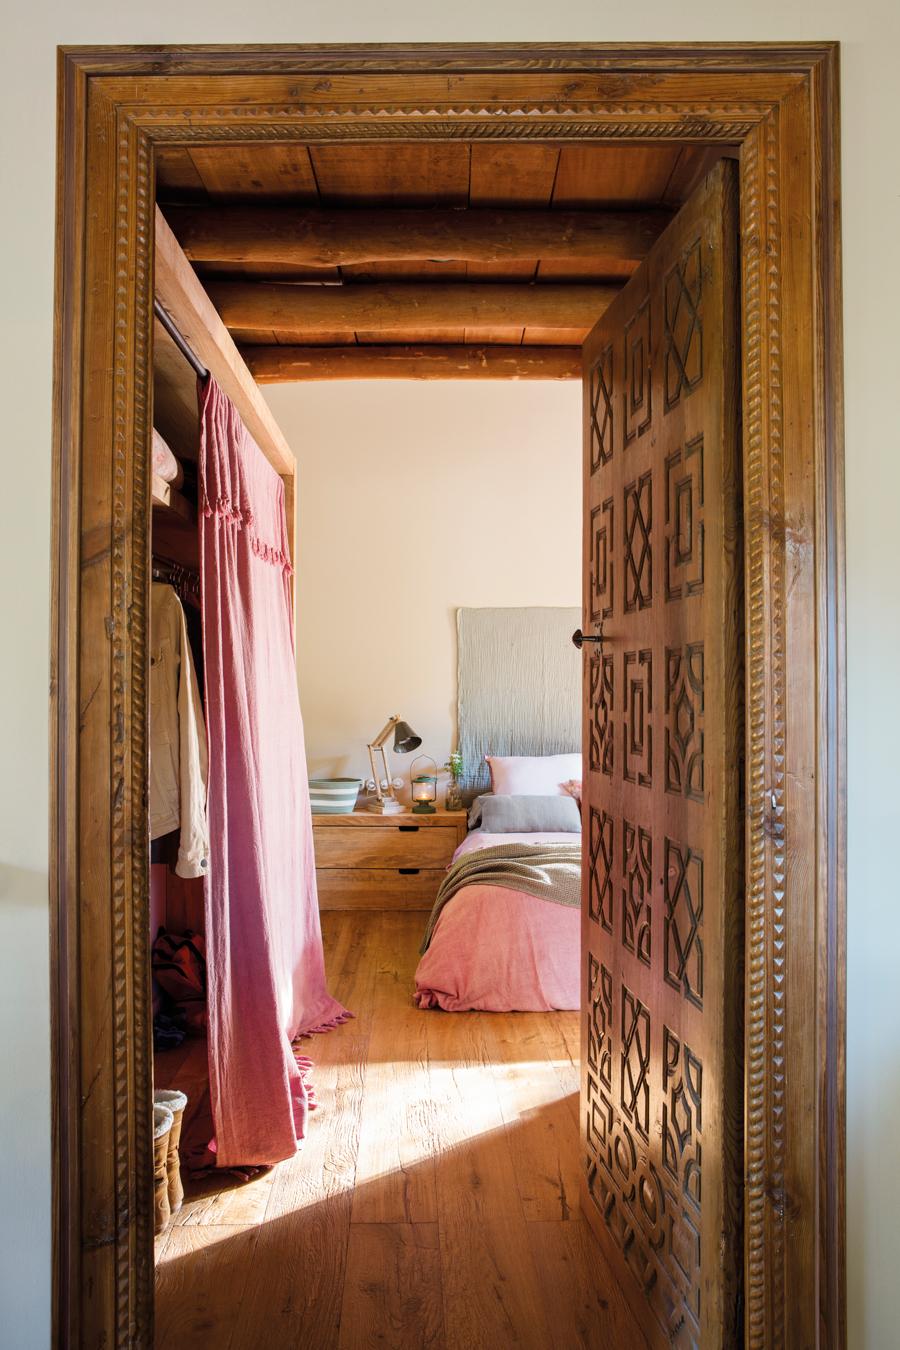 00443238. Dormitorio rústico con parquet, mesilla con cajones de madera, flexo y cabecero de tela 00443238